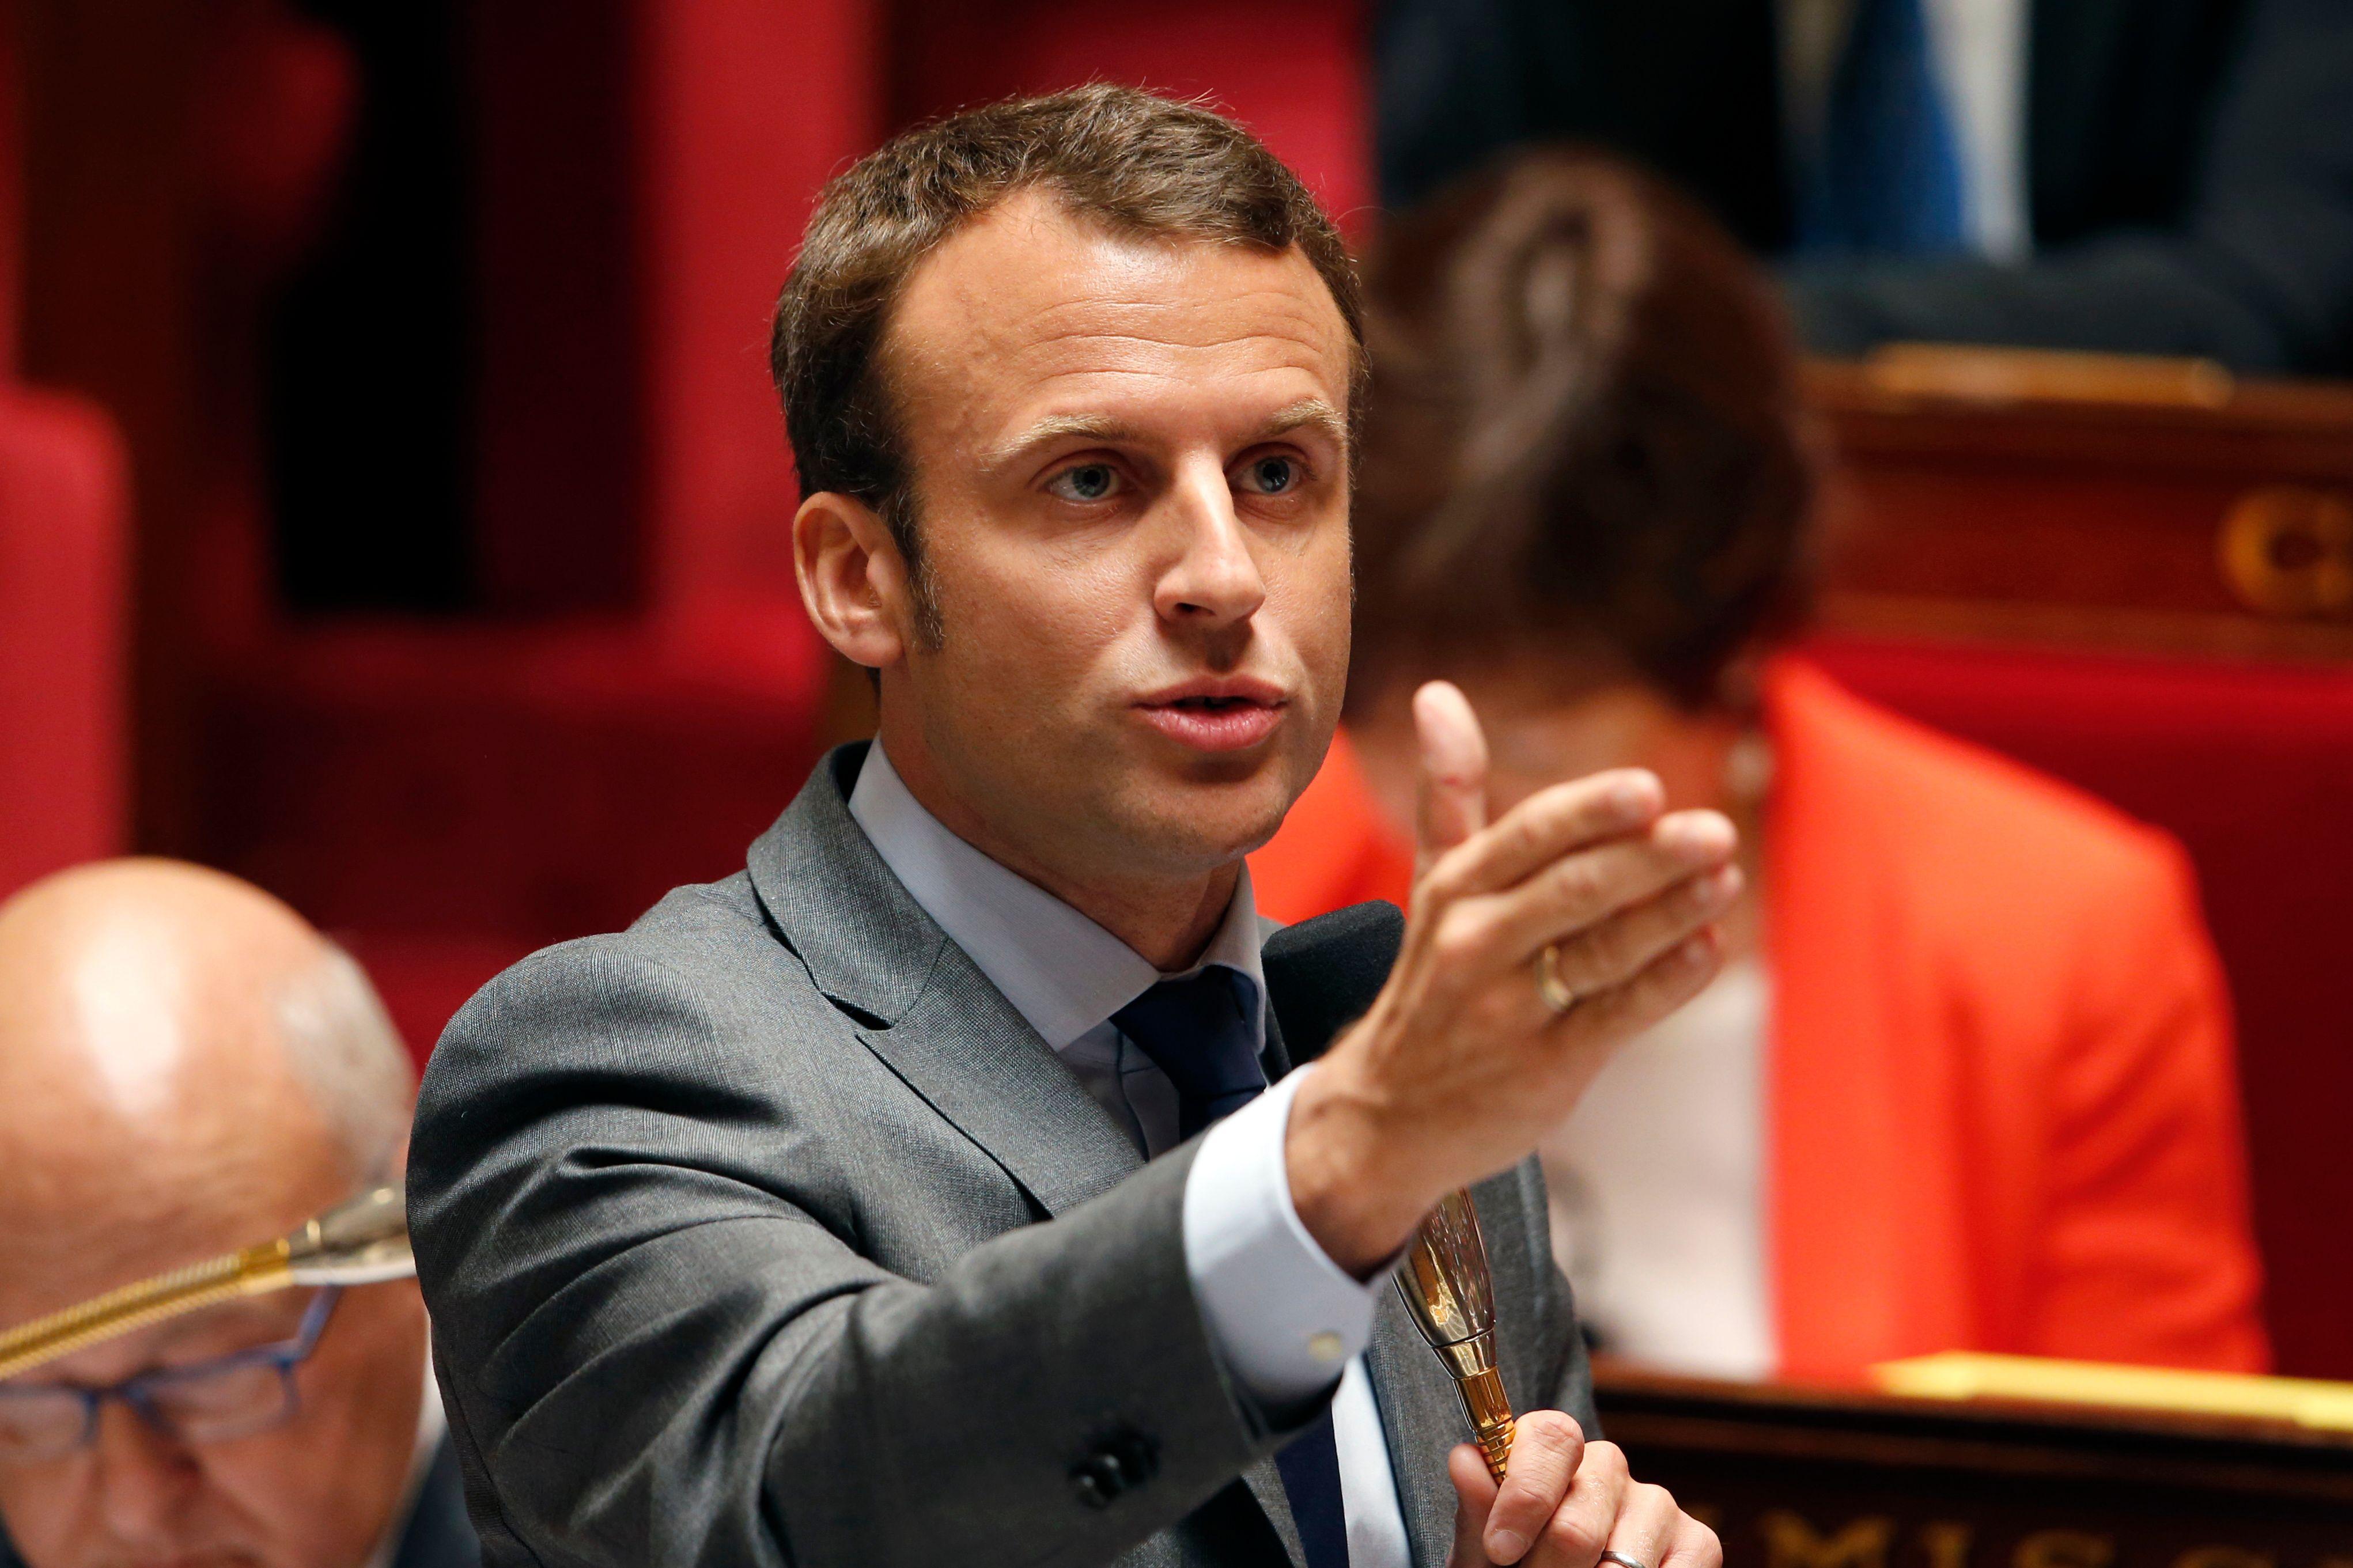 La loi Macron et le plafonnement des indemnités de rupture abusive : et maintenant on fait quoi ?